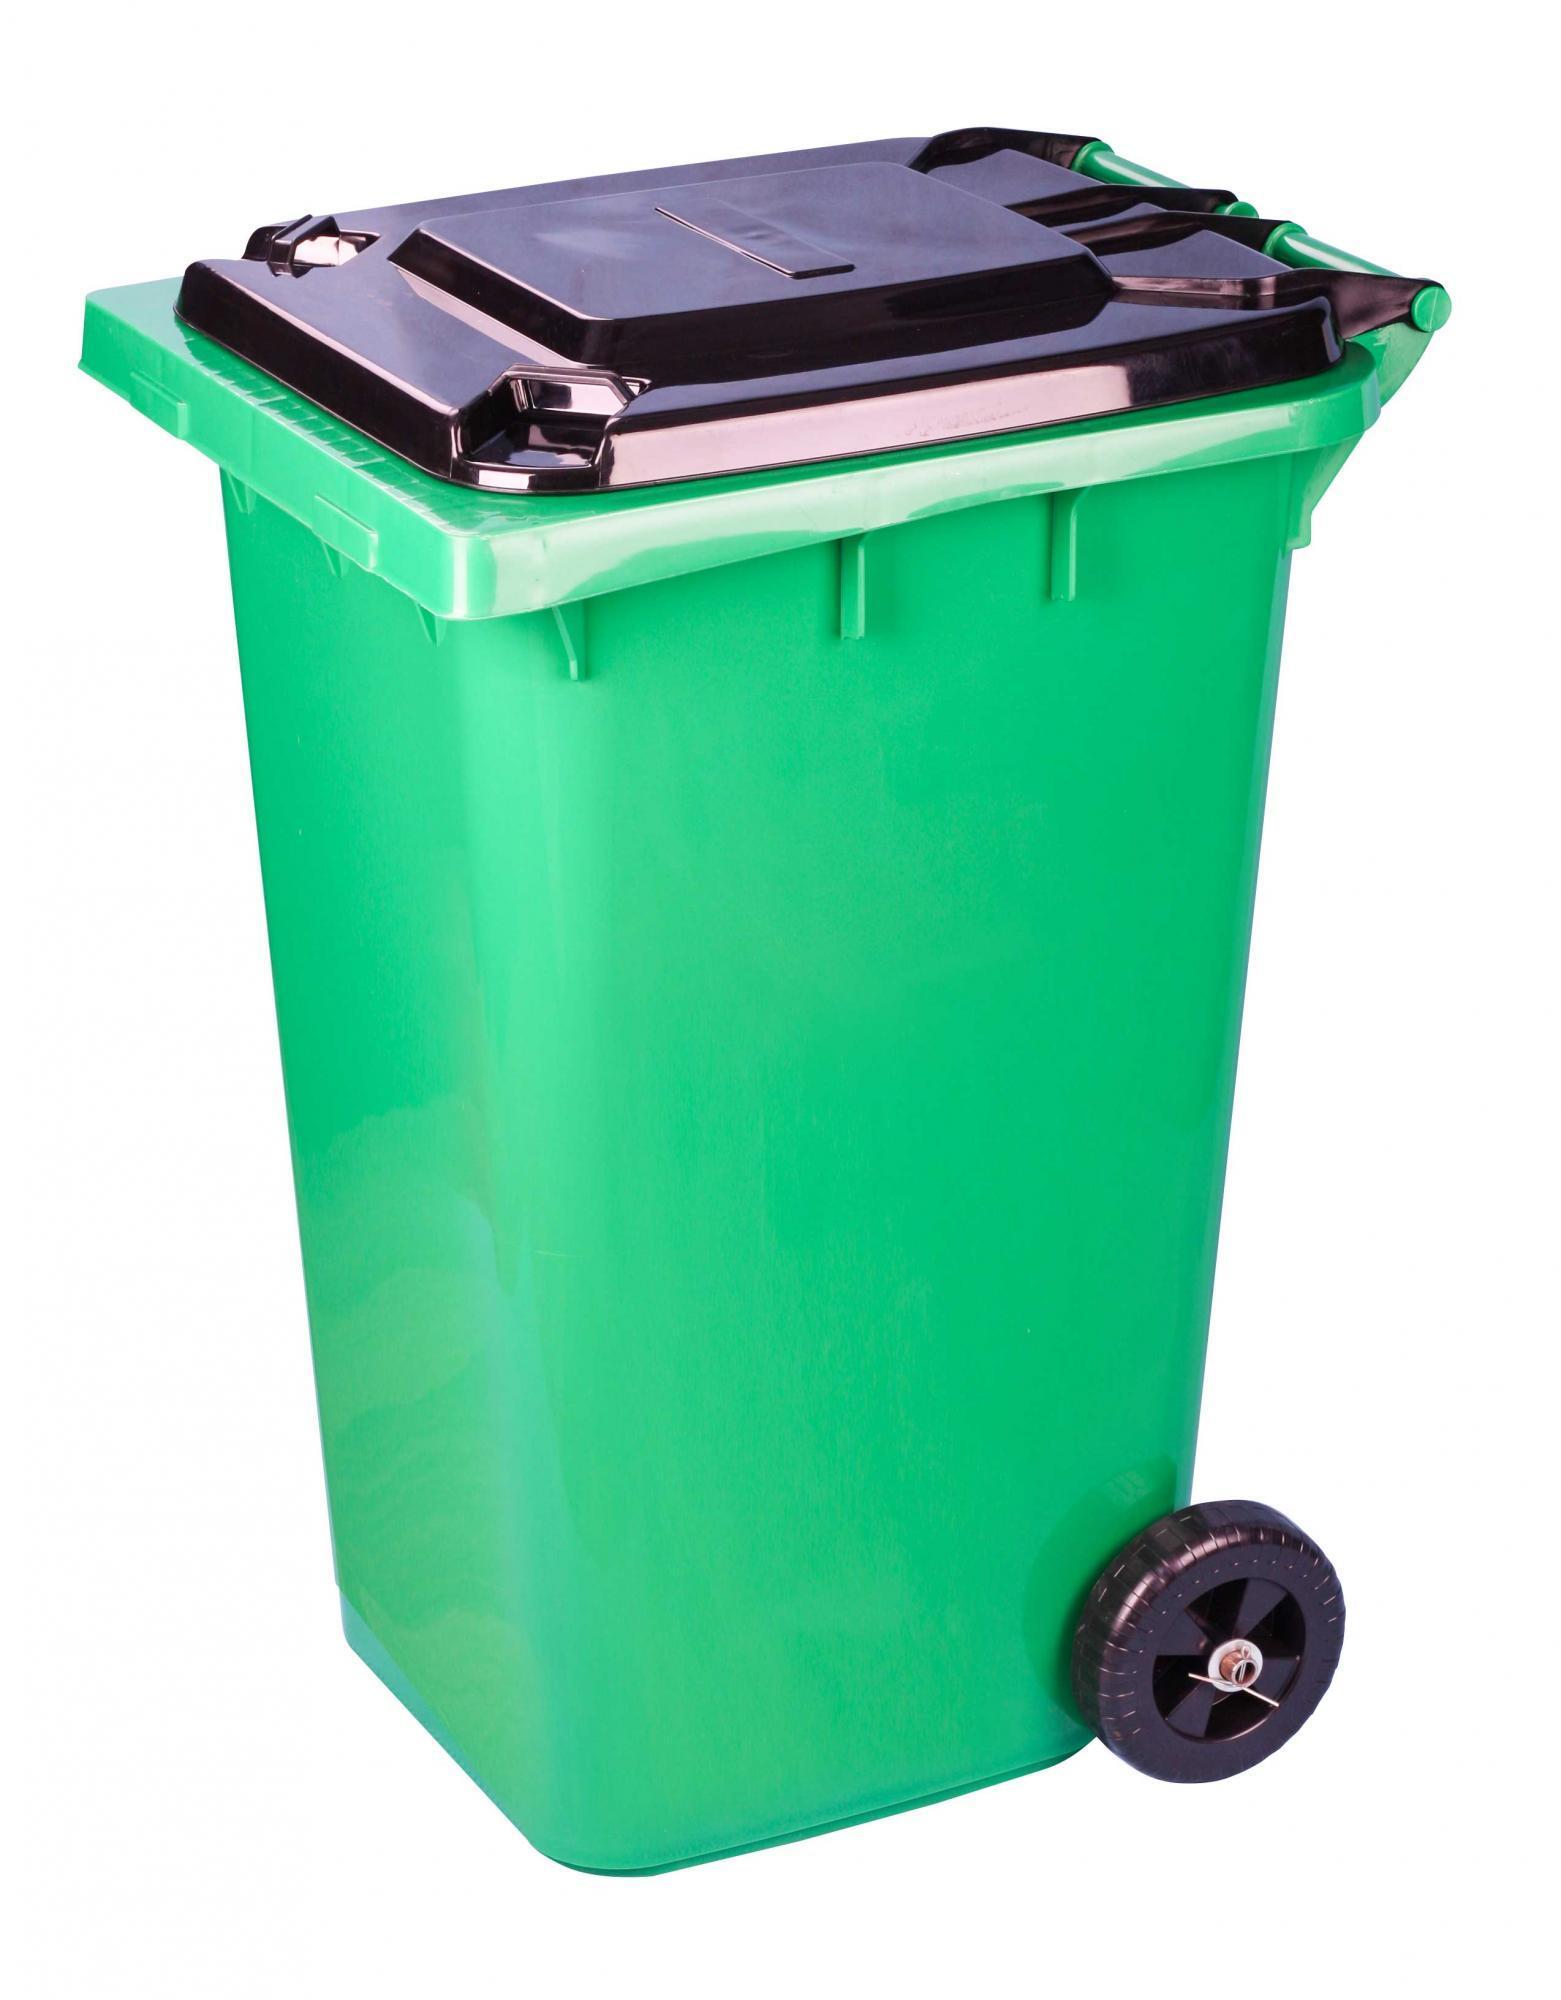 Бак для мусора 240л на колесах зеленый (Альтернатива) М5937 фото